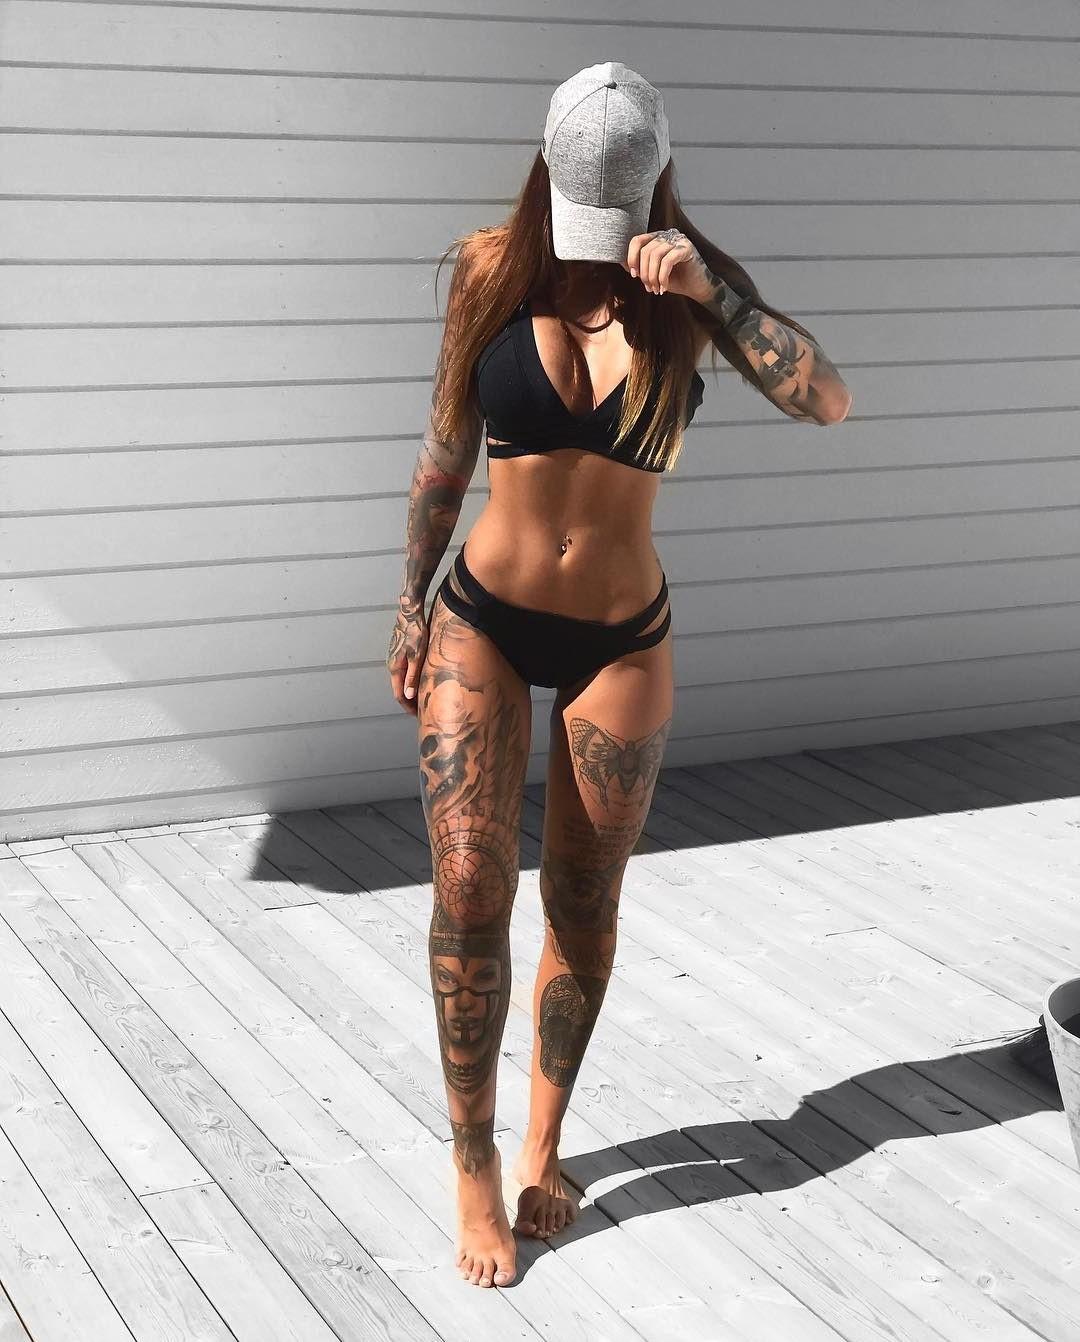 N'oubliez pas de toujours considérer la forme de votre corps lorsque vous faites un choix important comme un tatouage.